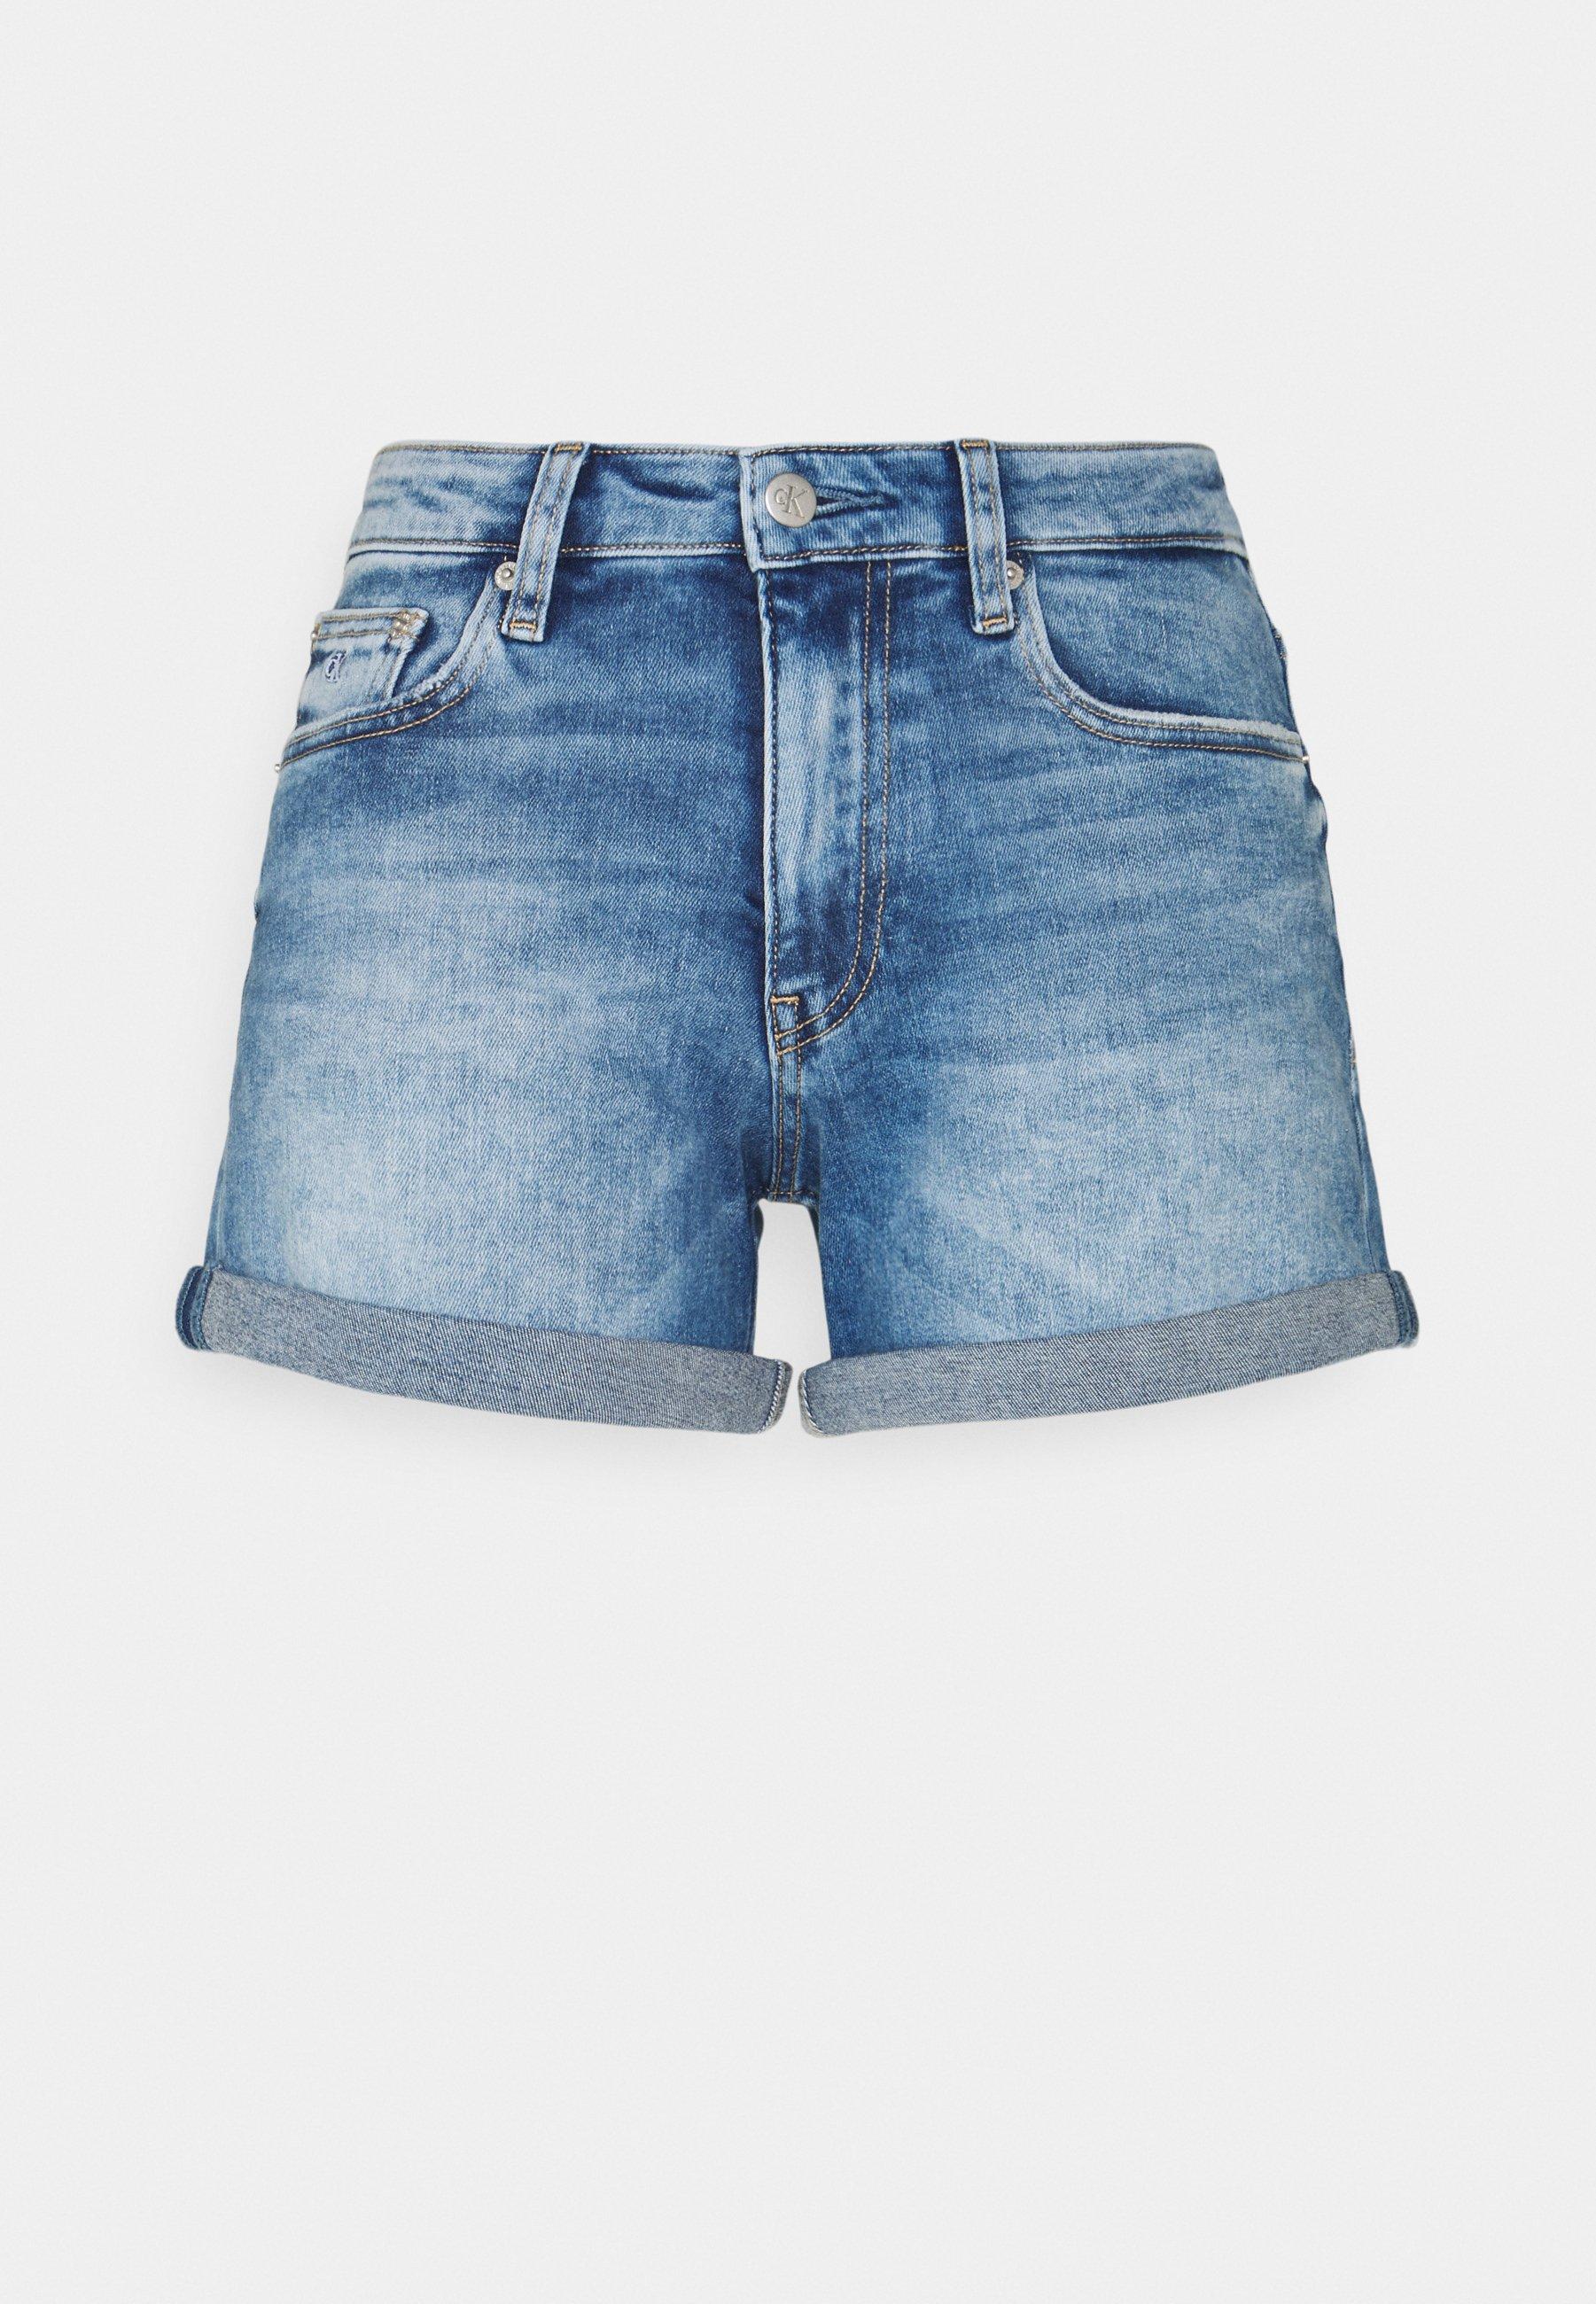 Damen Jeansshorts High Waist Kurze Hosen aus Denim f/ür den Damen Sommer Denim Kurze Hose Basic Jeans Bermuda-Shorts mit Quaste Hotpants